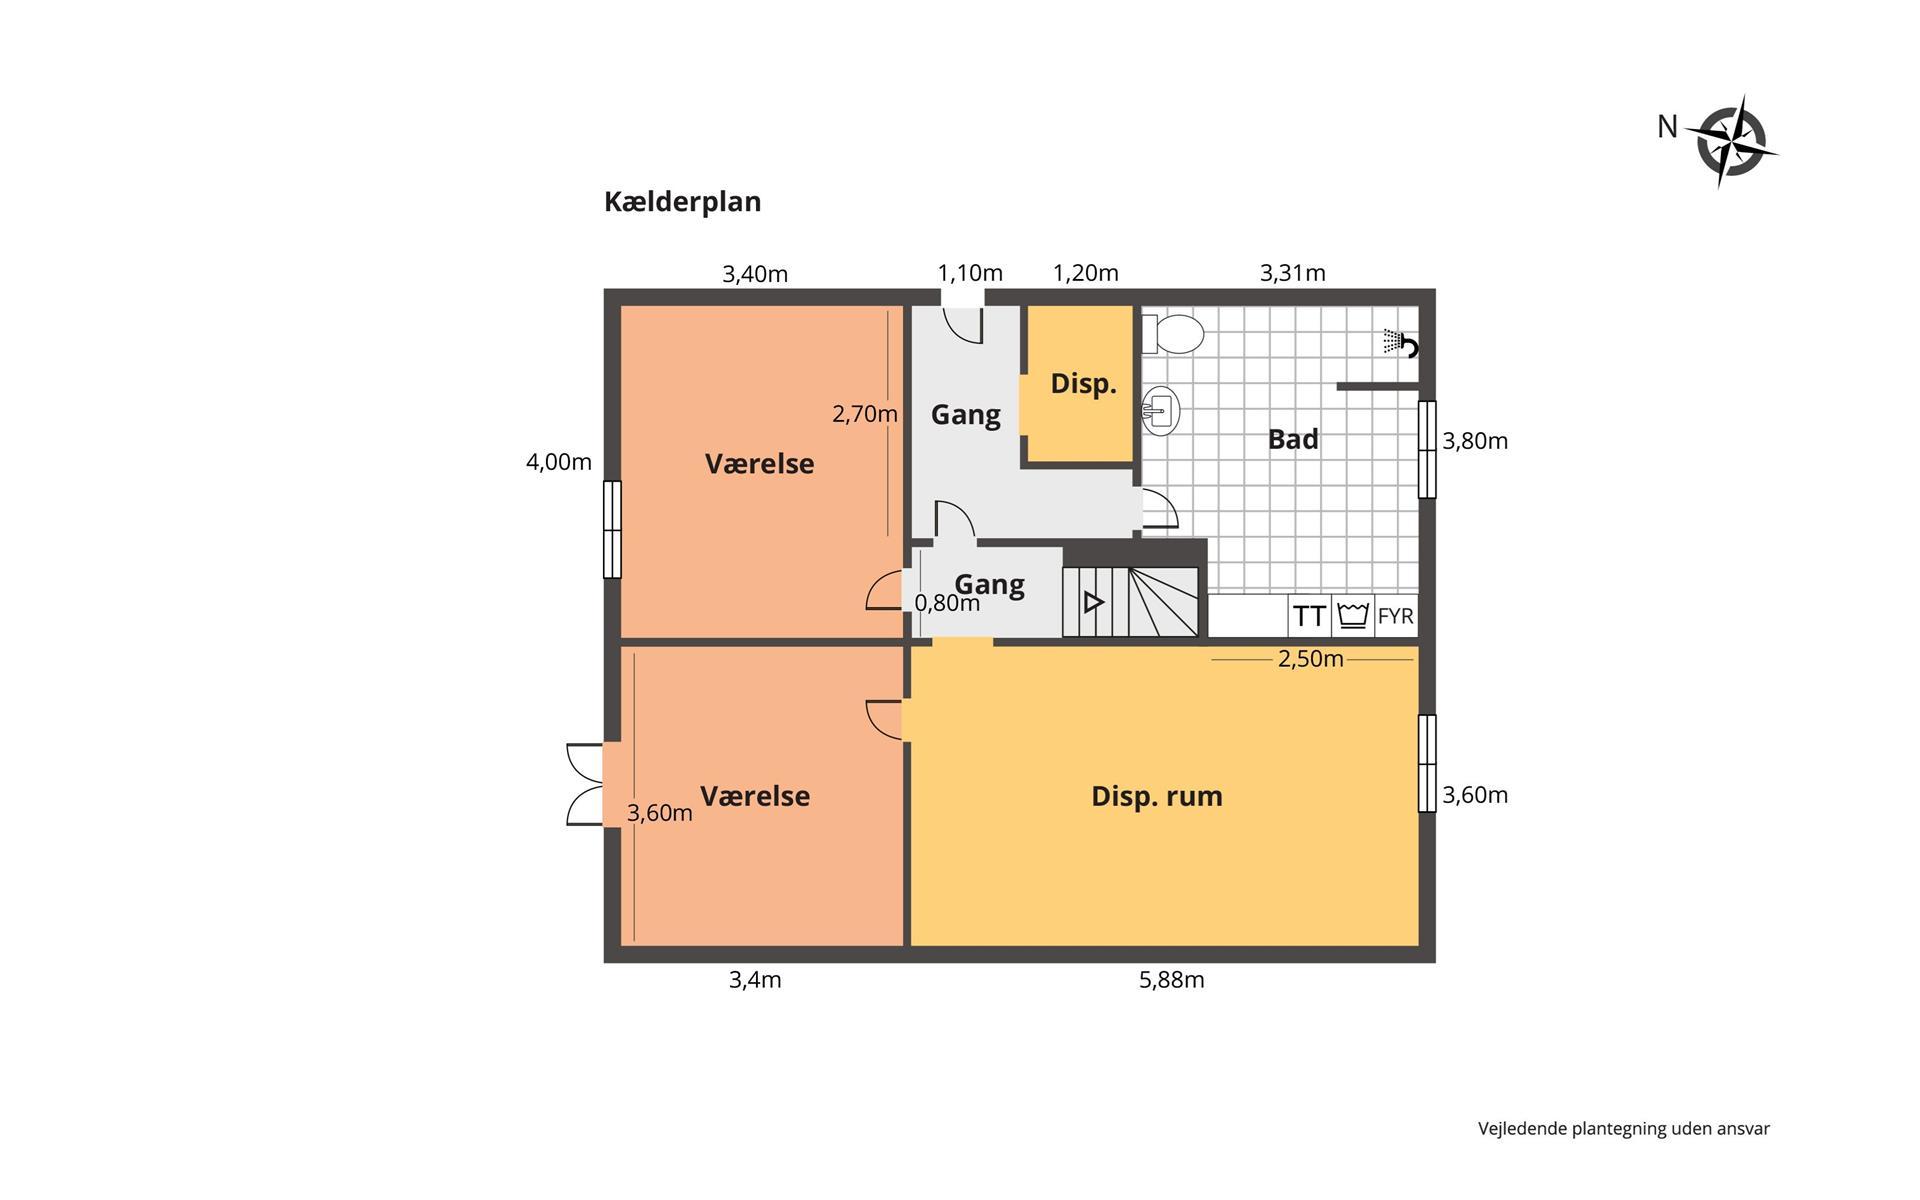 Rækkehus på Ringerbakken i Virum - Plantegning